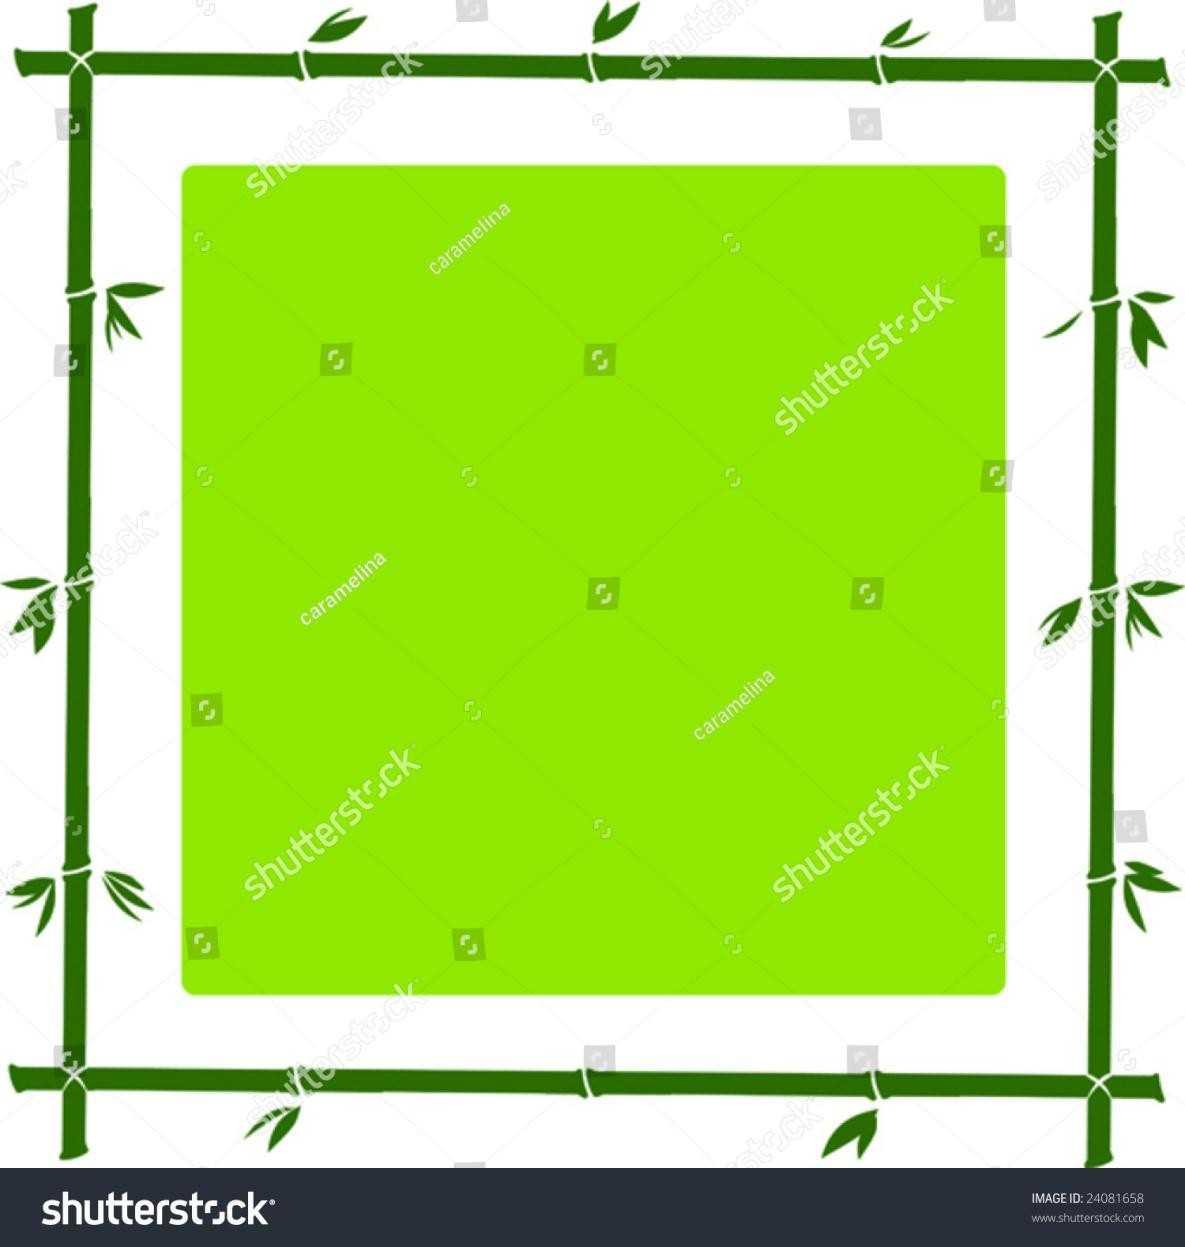 1185x1247 Stock Vector Rhshutterstockcom Grass Tree Pxpng Clipart Best